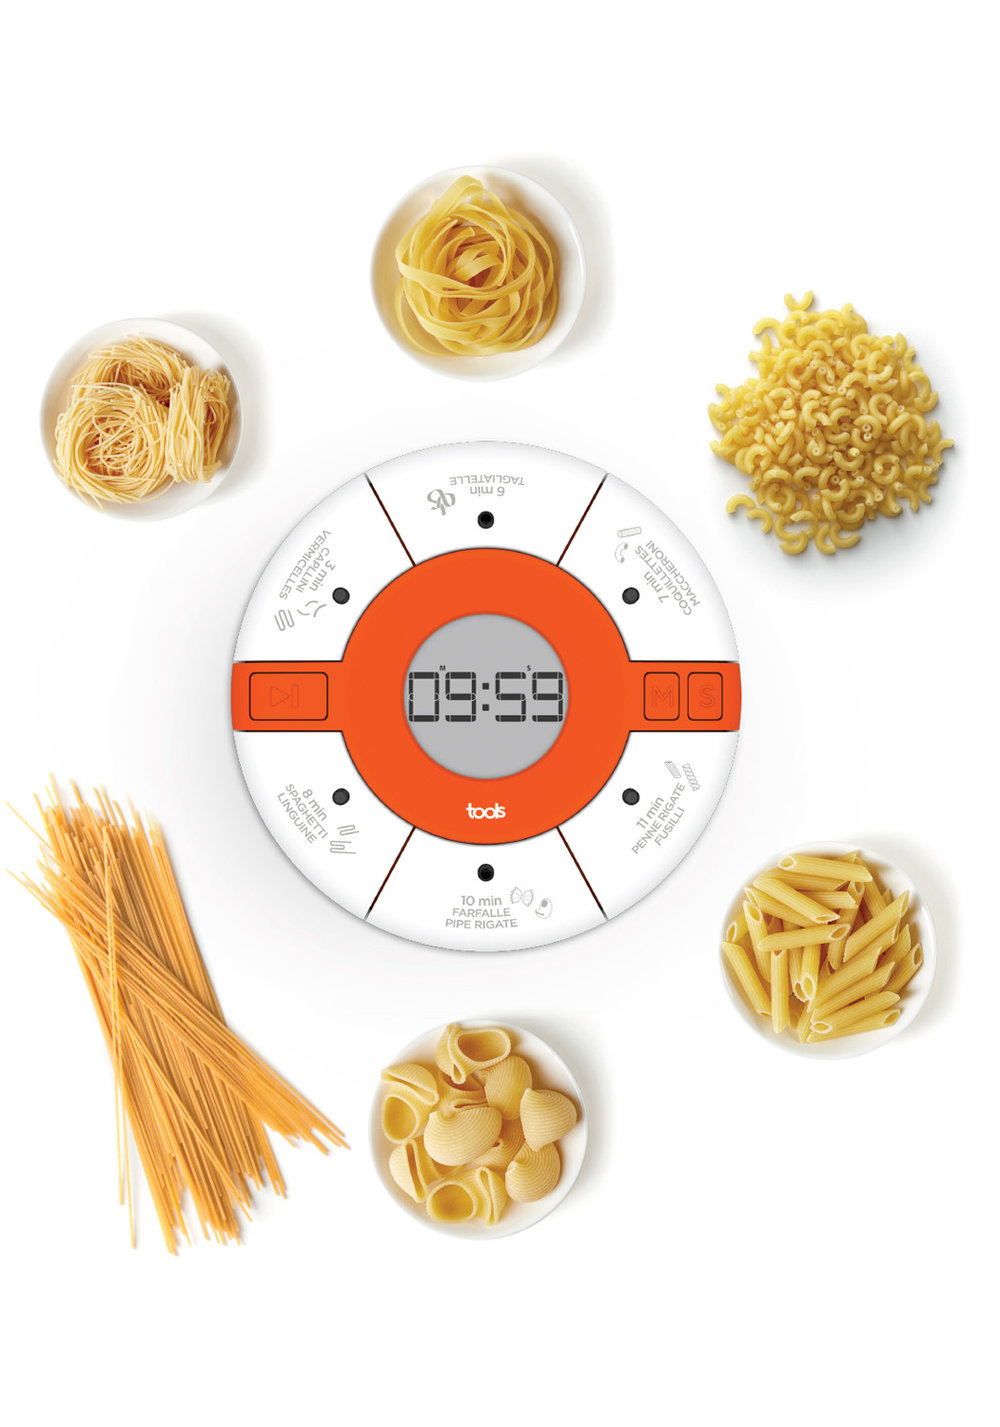 UN Timer dédié aux amoureux des pâtes - Ce timer magnétique devient très vite indispensable pour les amateurs de pâtes. Il trouve rapidement sa place sur la porte du réfrigérateur.• 6 temps pré-programmés• Option de réglage manuel• Design ergonomique• Minuteur magnétique500294 MINUTEUR À PÂTES